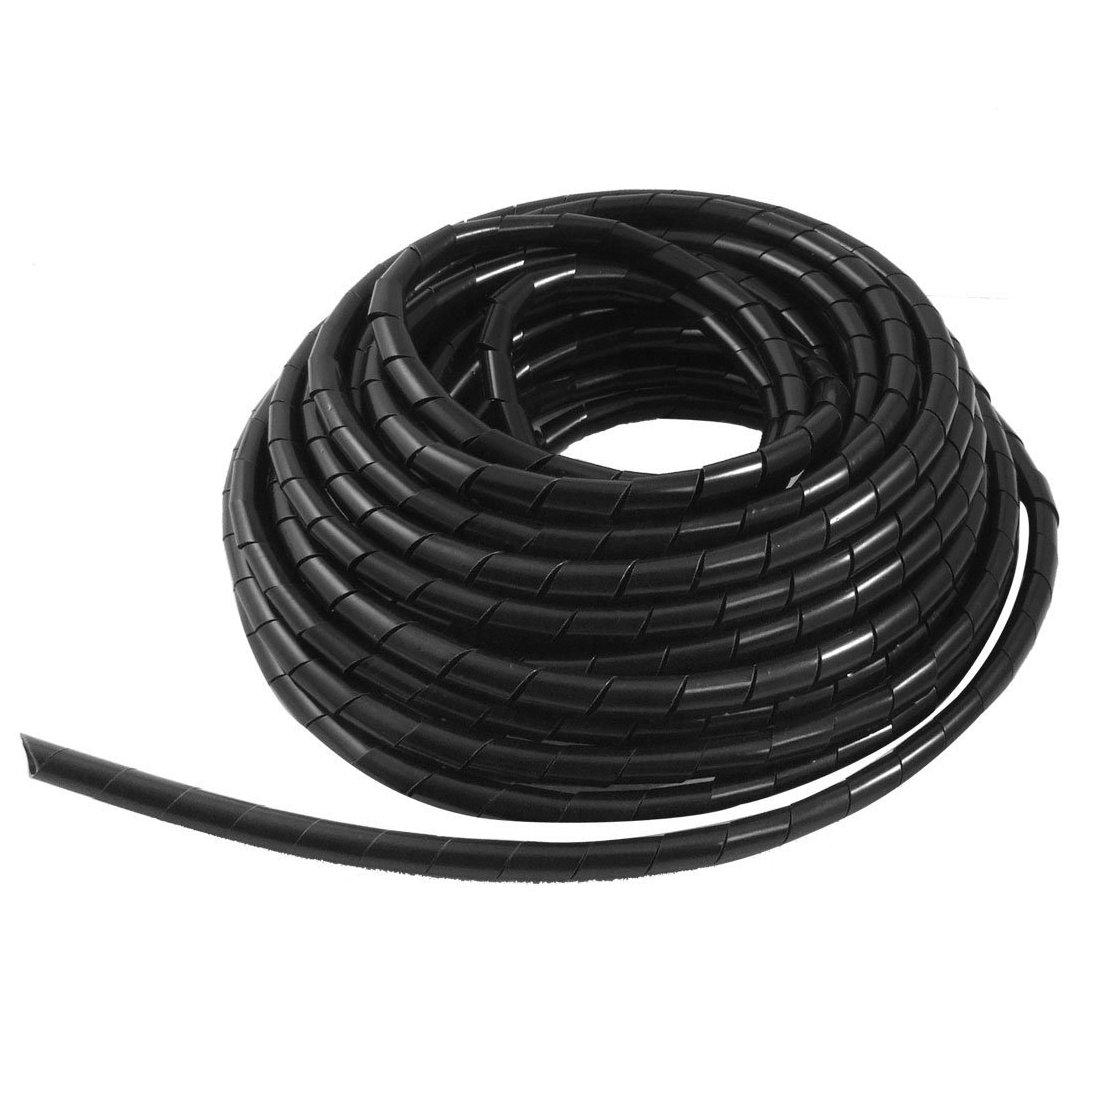 Semoic Noir 12M PE Polyethylene protection de Cable electrique Tube spiral 8mm de Dia Tube